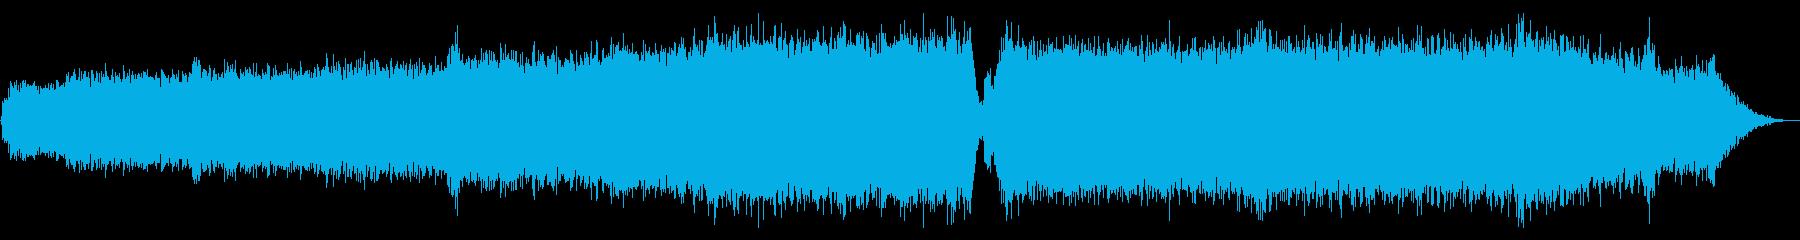 澄み渡る青空_スネアなしの再生済みの波形